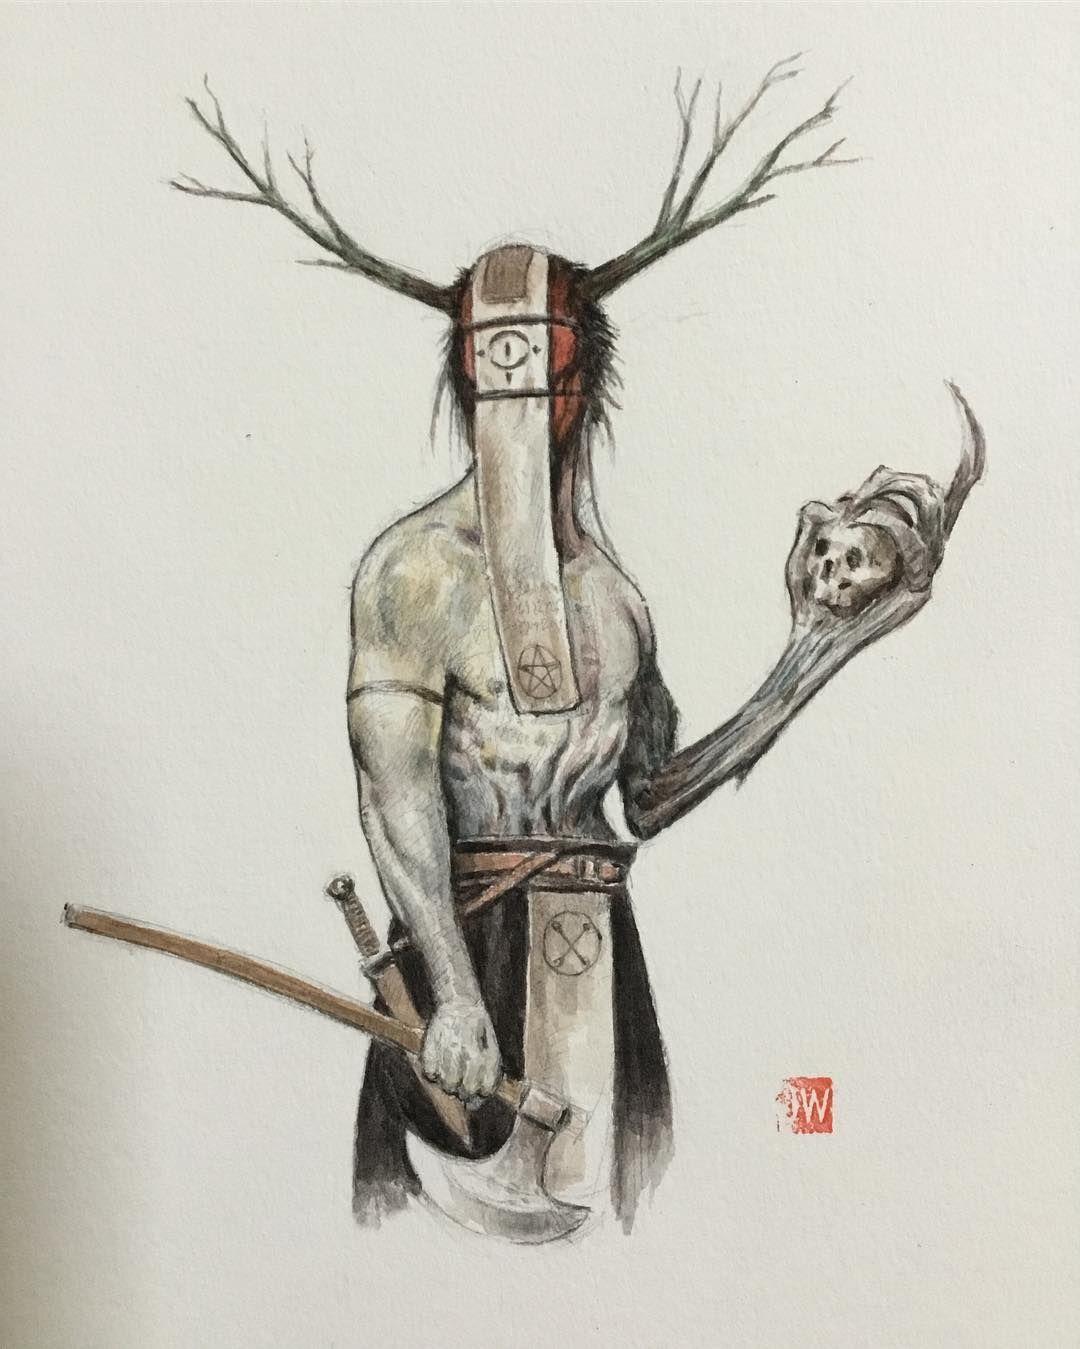 Resultado de imagen de john wigley illustrations